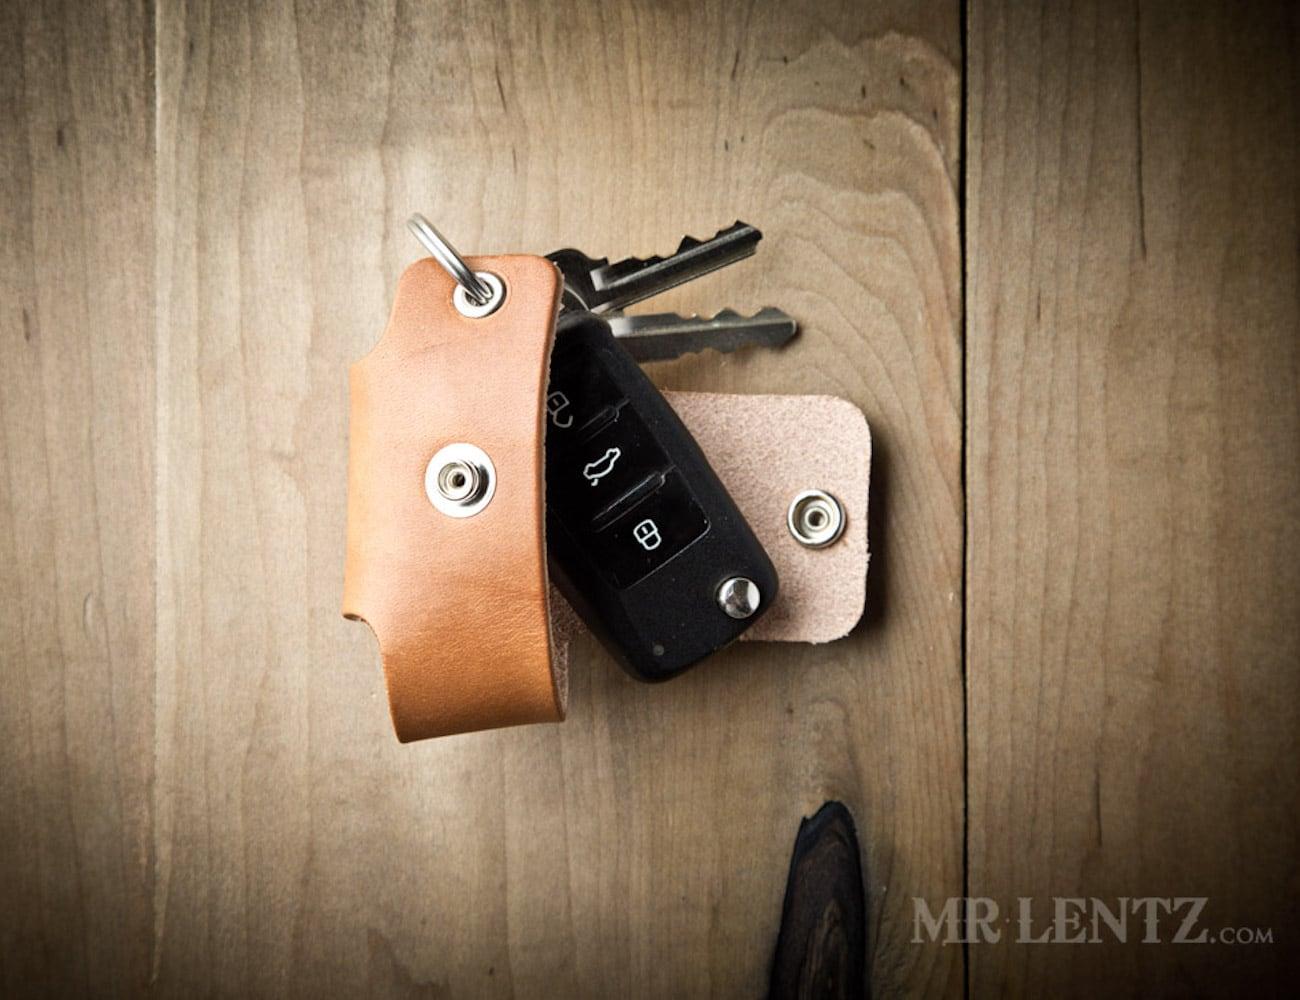 Mr. Lentz Leather Key Holder Pocket reduces key noise